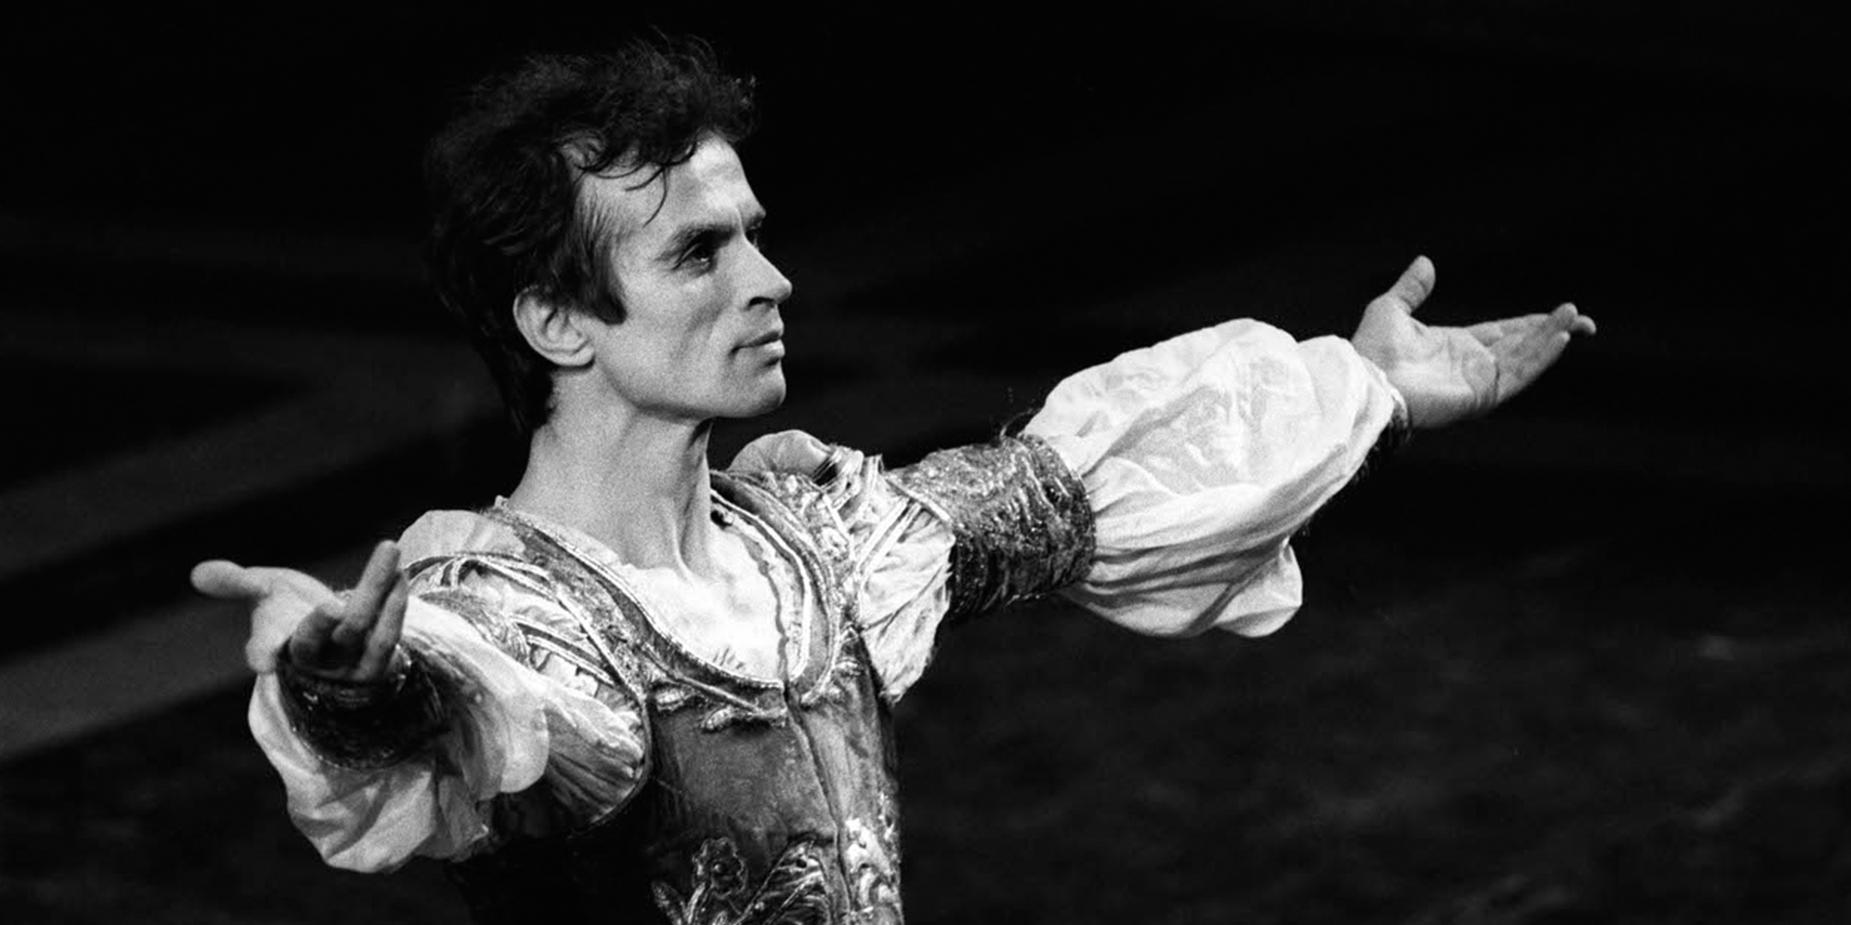 L'immagine è una foto in bianco e nero del celebre ballerino russo Rudol'd Nureev, inquadrato a bezzo busto di tre quarti, in costume e con le braccia aperte